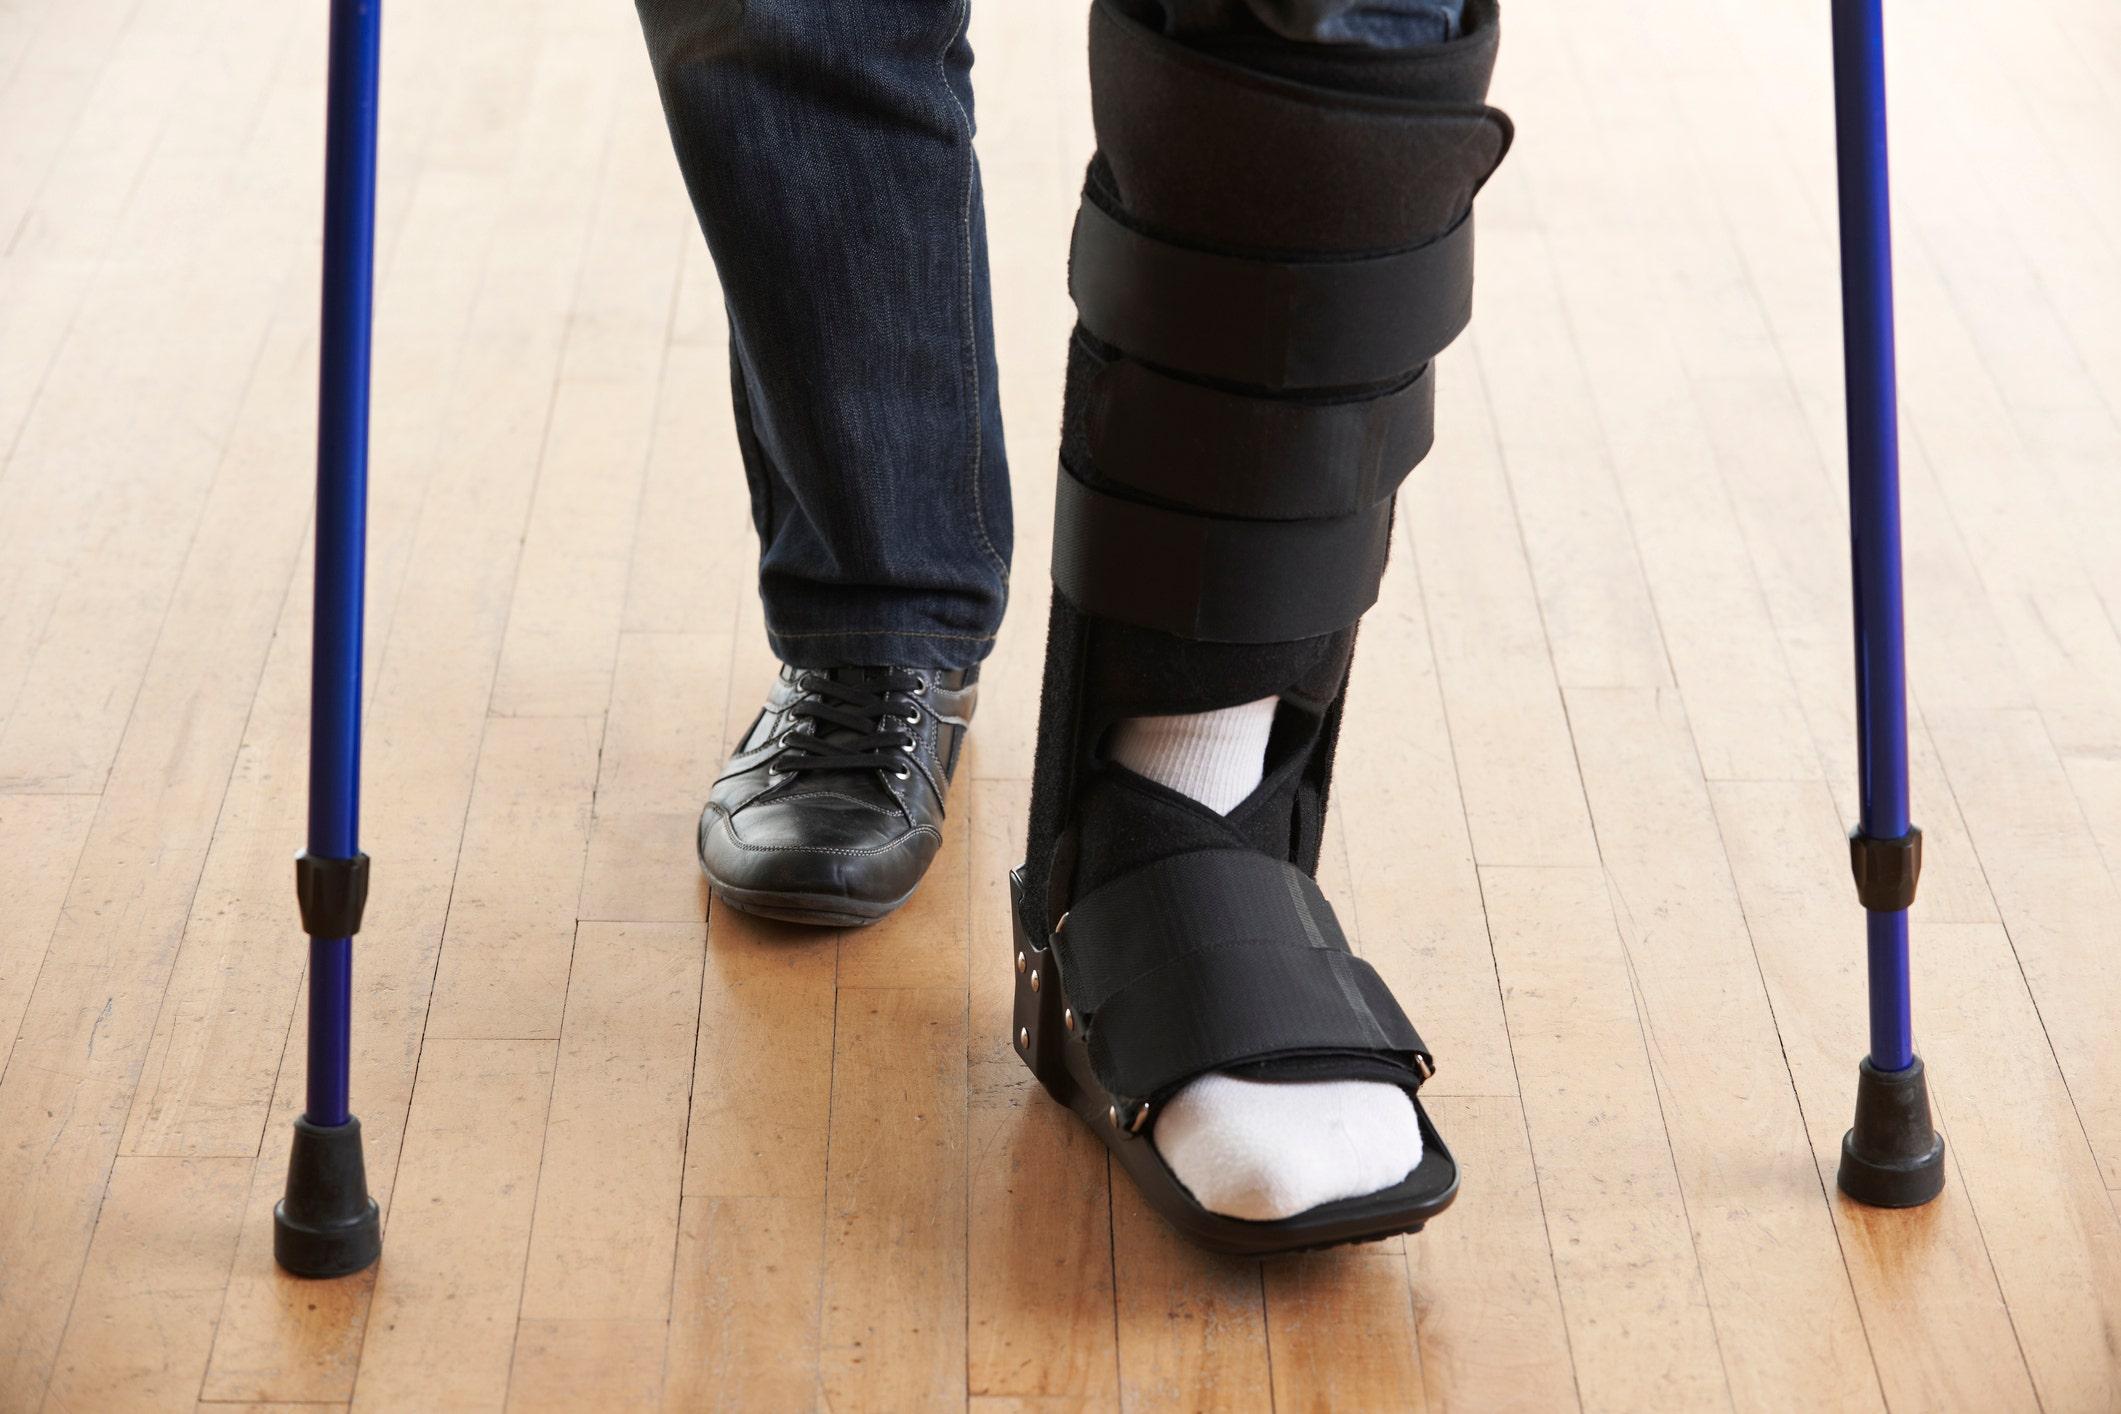 Influencer defends faking broken ankle for flight upgrade